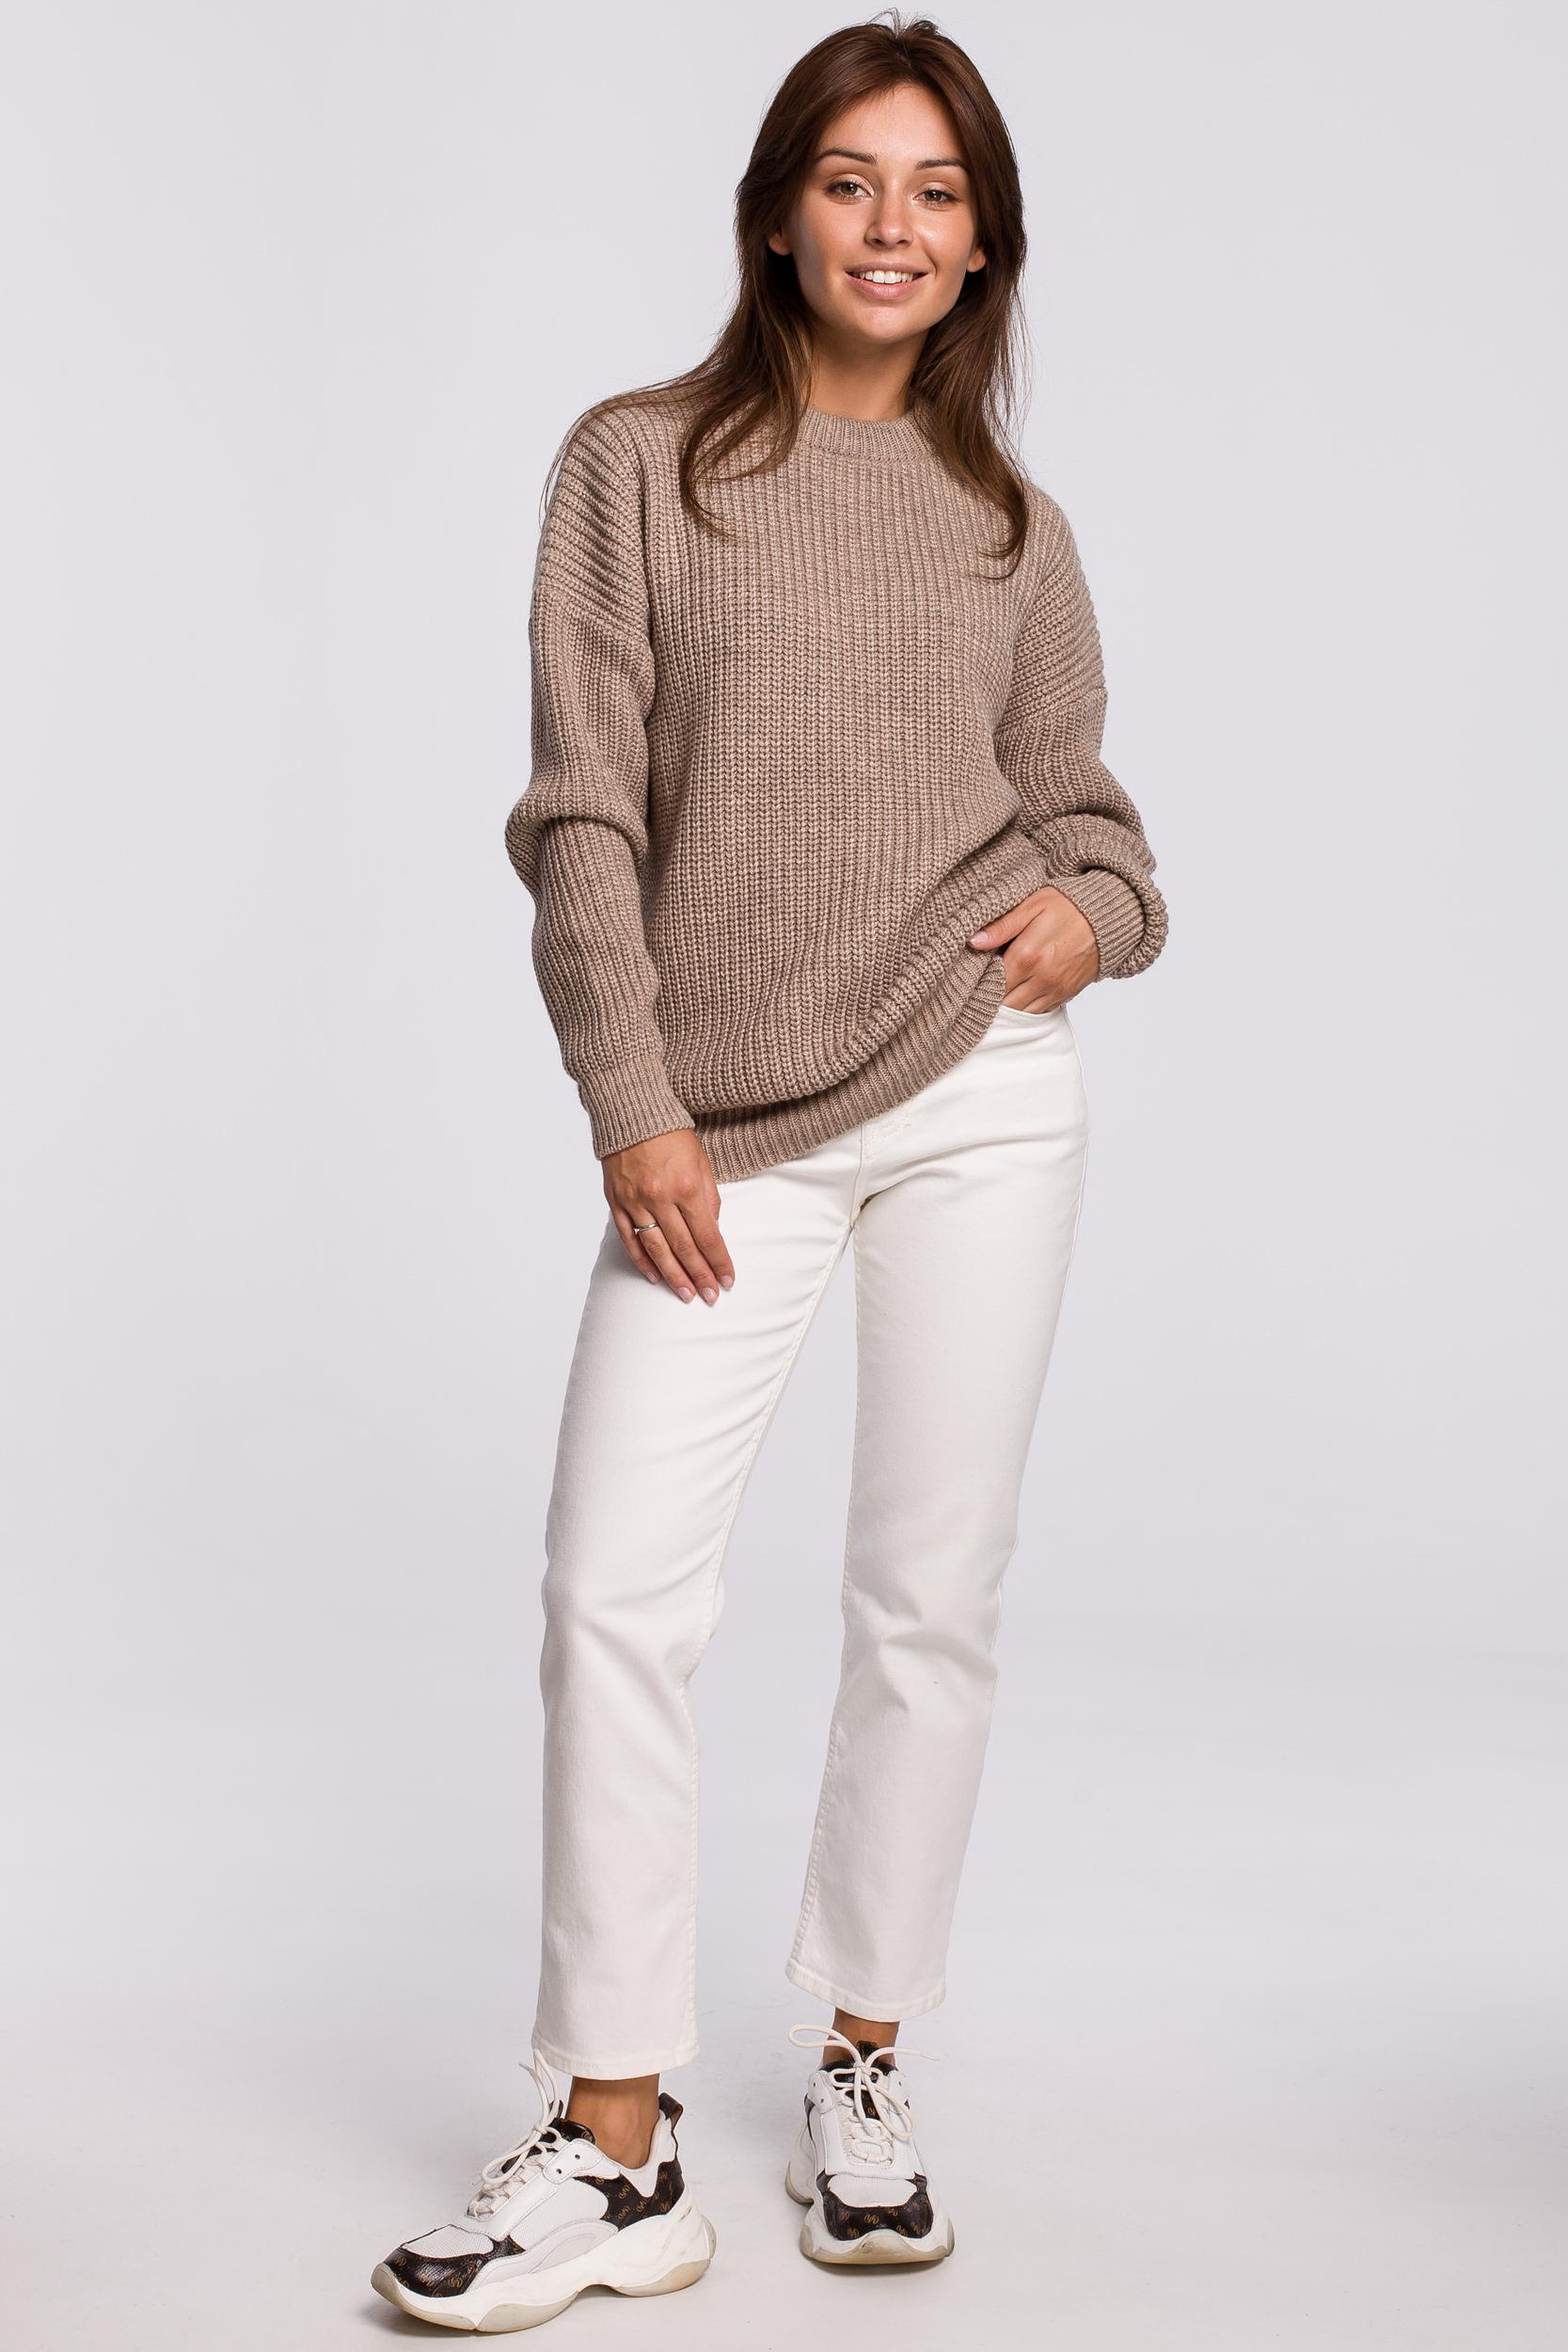 Sweater in Cappuccino Vorderansicht komplett